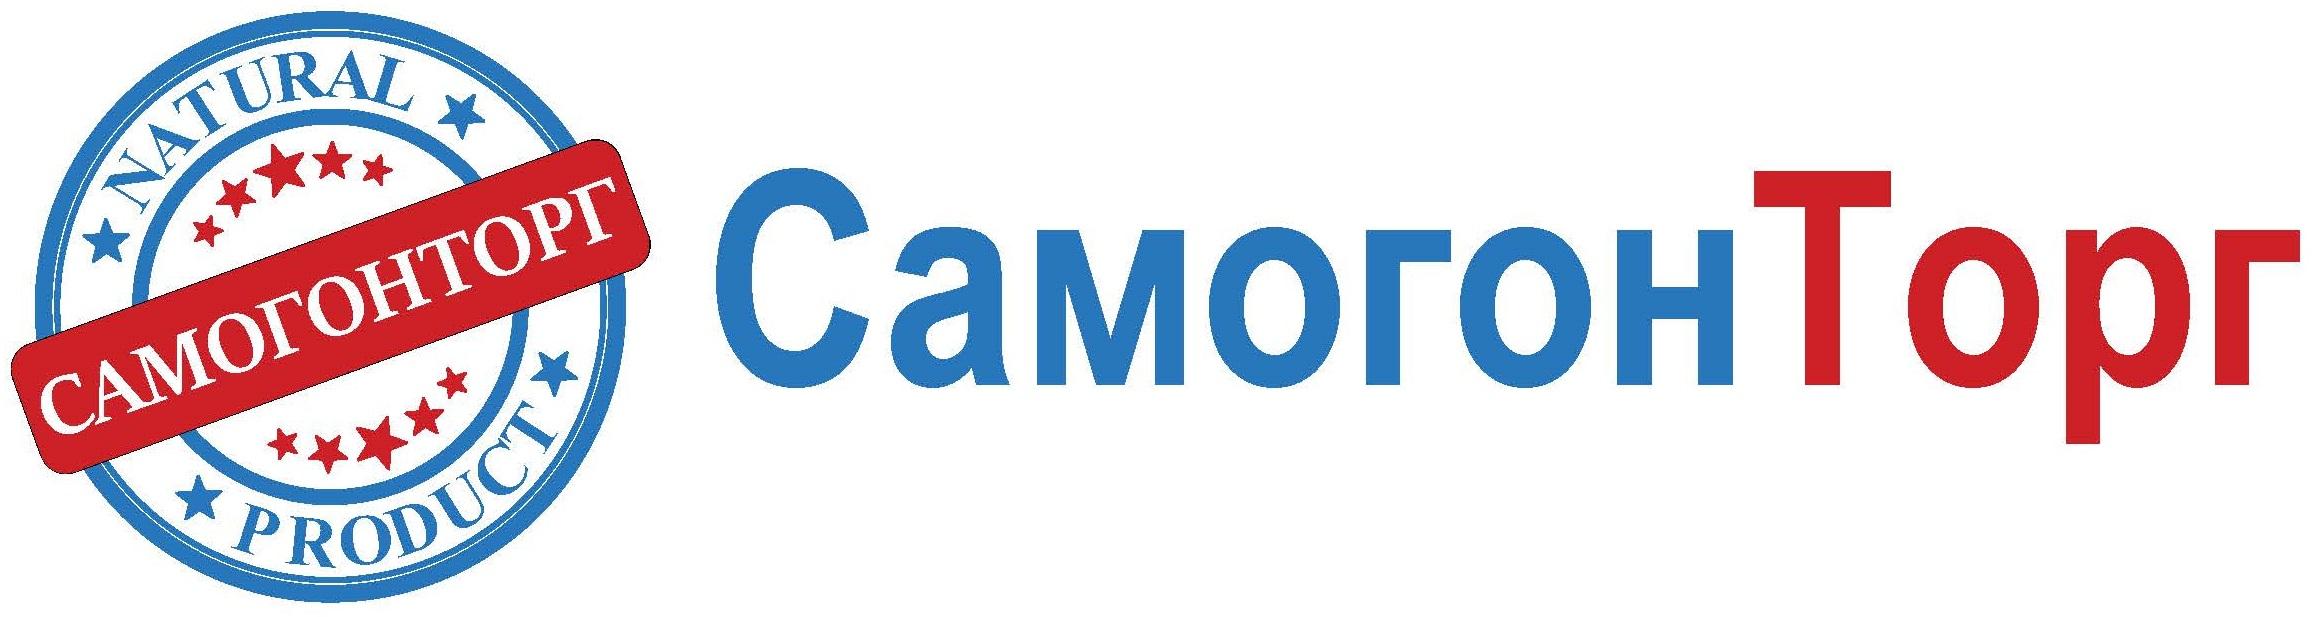 СамогонТорг - интернет-магазин в Екатеринбурге: самогонные аппараты, товары для домашнего самогоноварения, пивоварения, консервирования продуктов, копчения